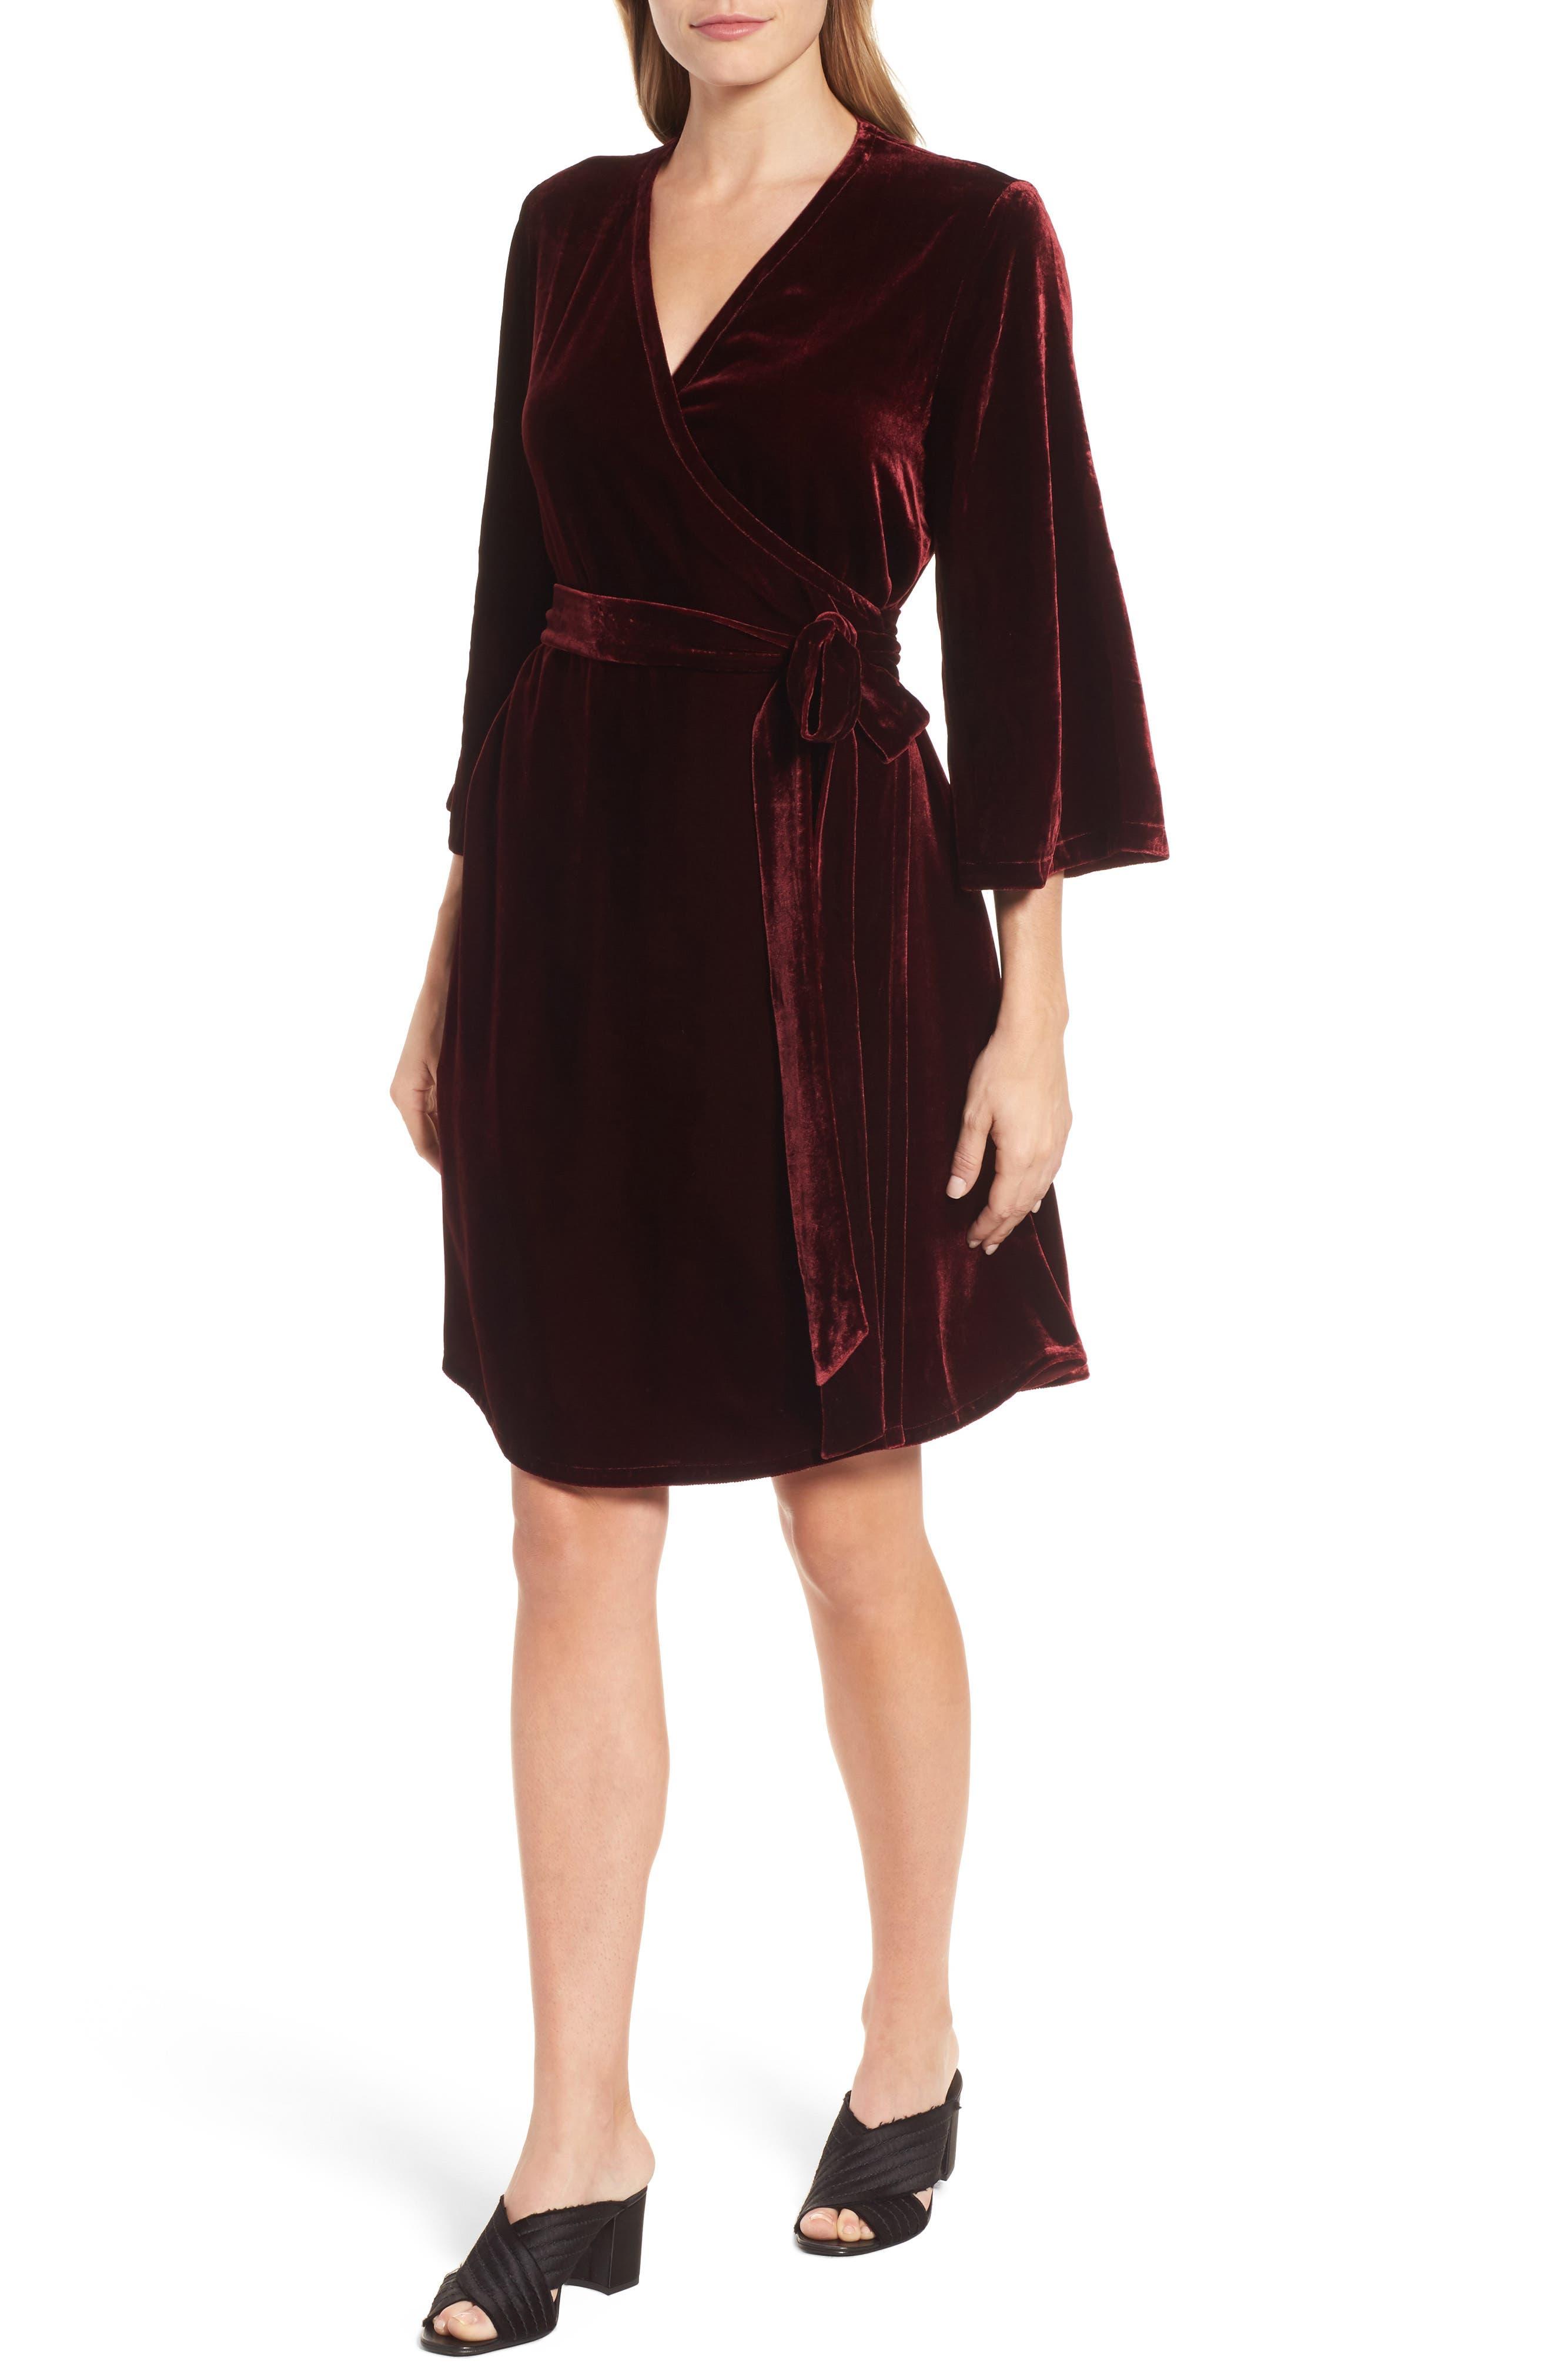 Alternate Image 1 Selected - Eileen Fisher Velvet Wrap Dress (Regular & Petite)